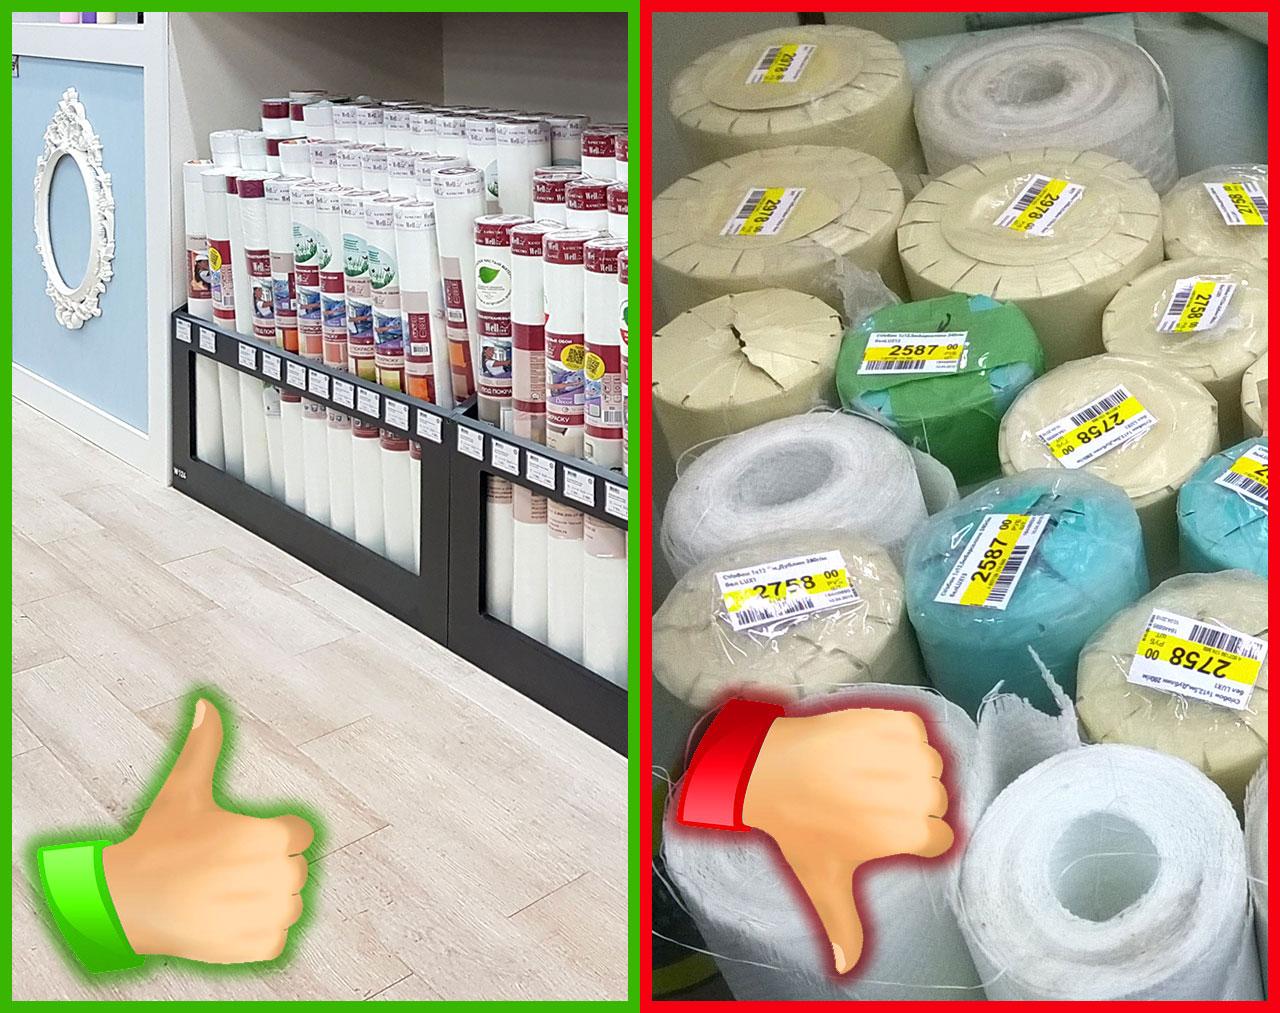 Как проверить качество стеклообоев в магазине, не вскрывая упаковку: советы специалиста